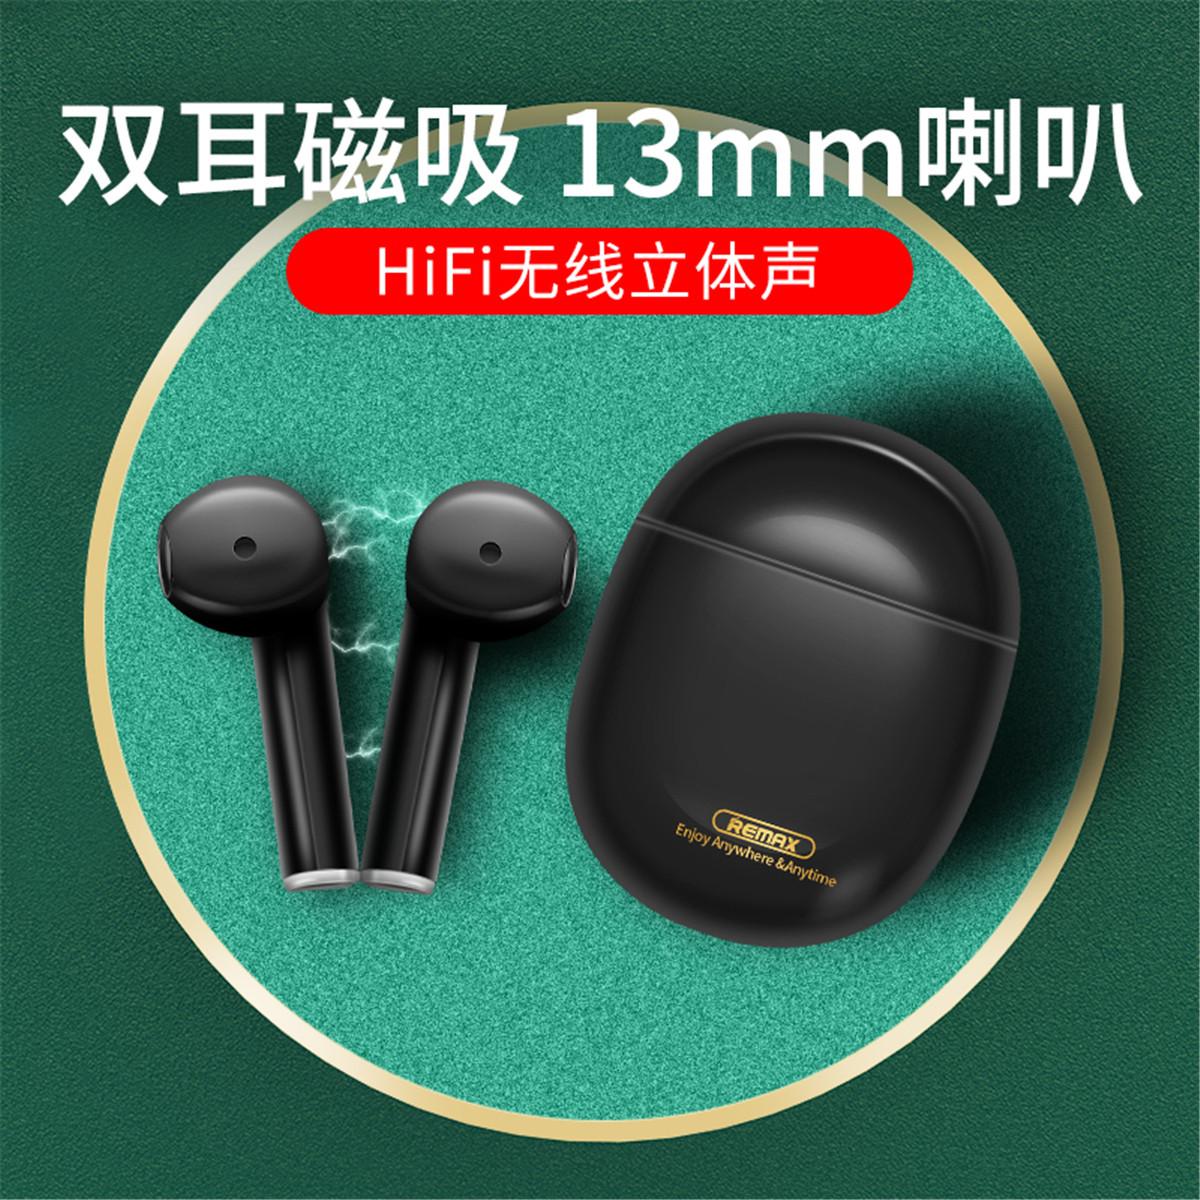 正常发货半入耳无线蓝牙耳机磁吸HIFI立体声超长待机高音质重低音